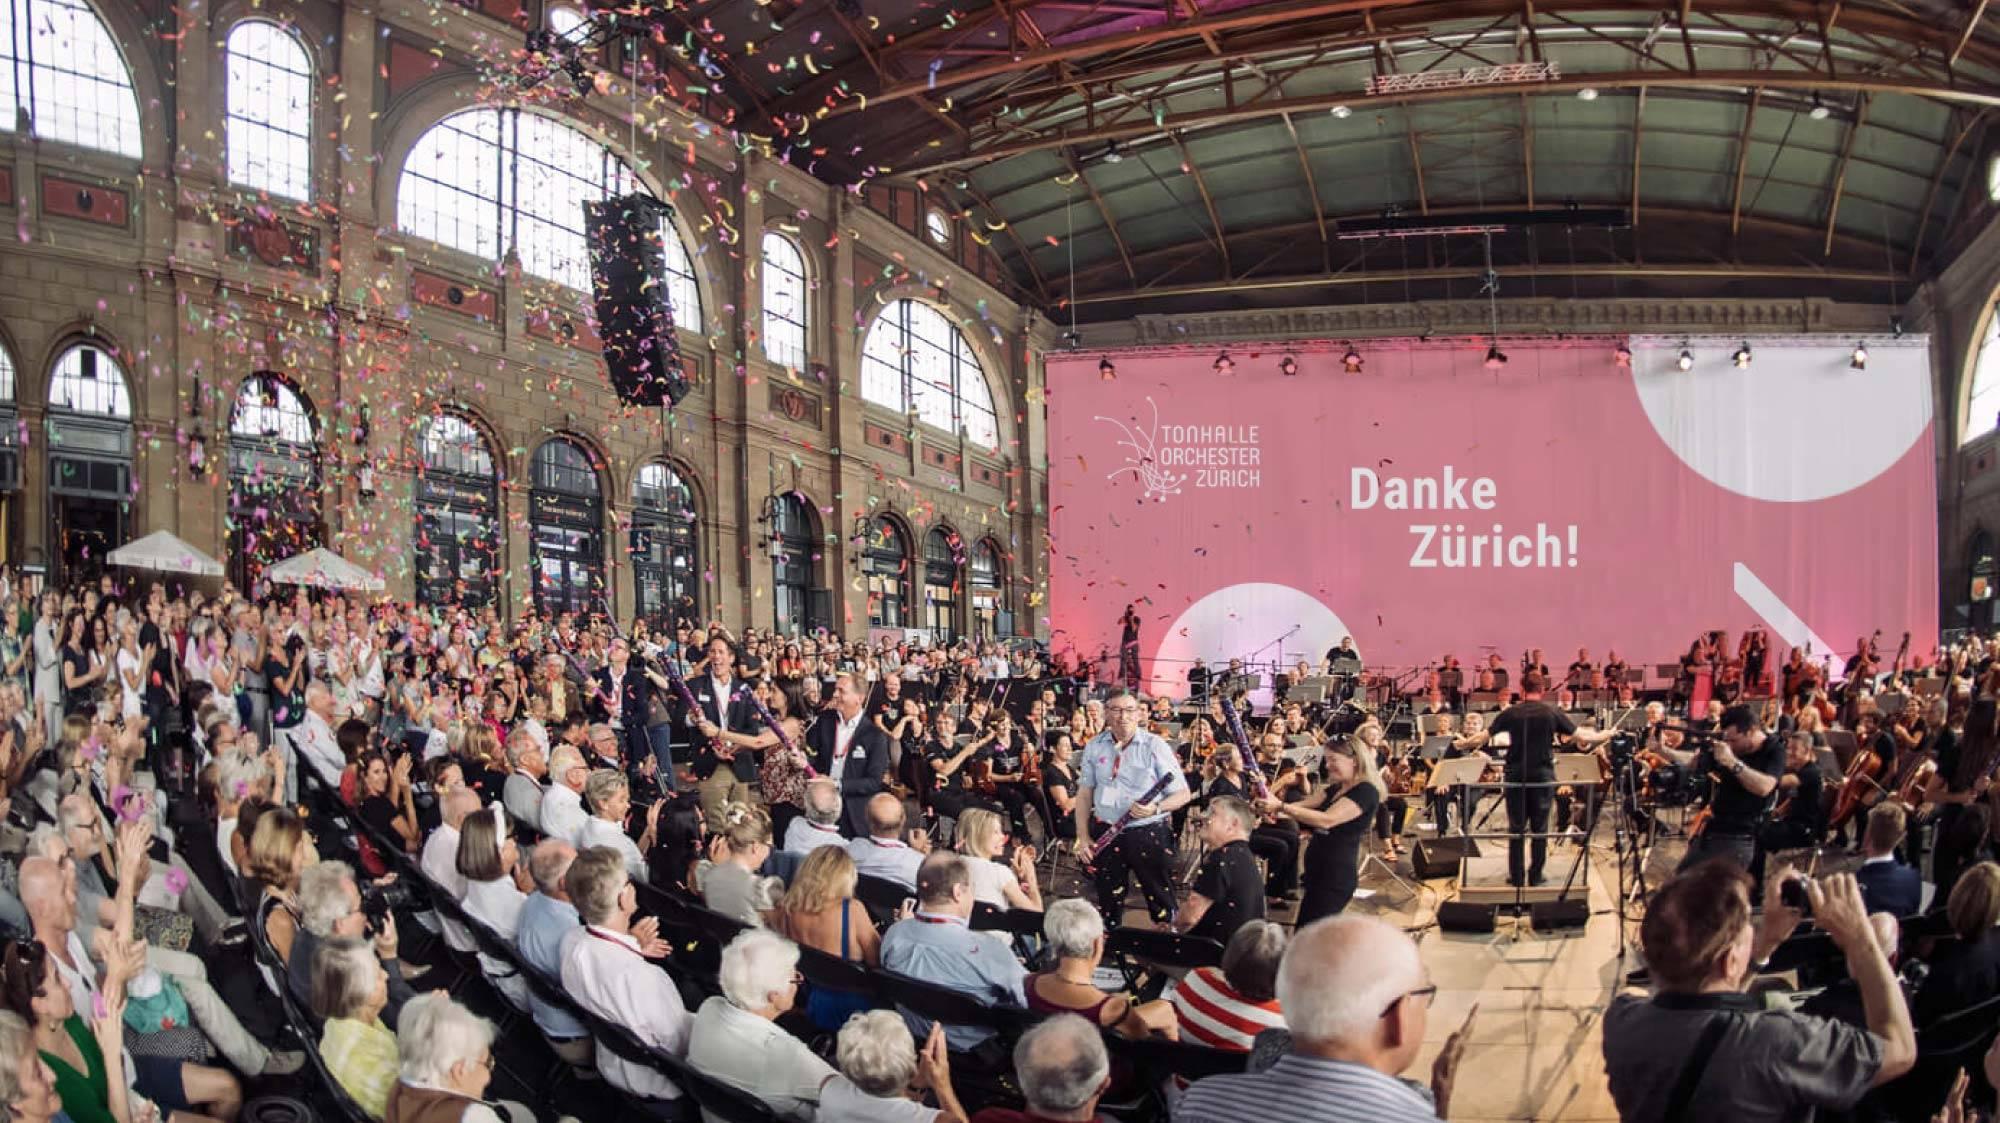 Danke Zurich Concept